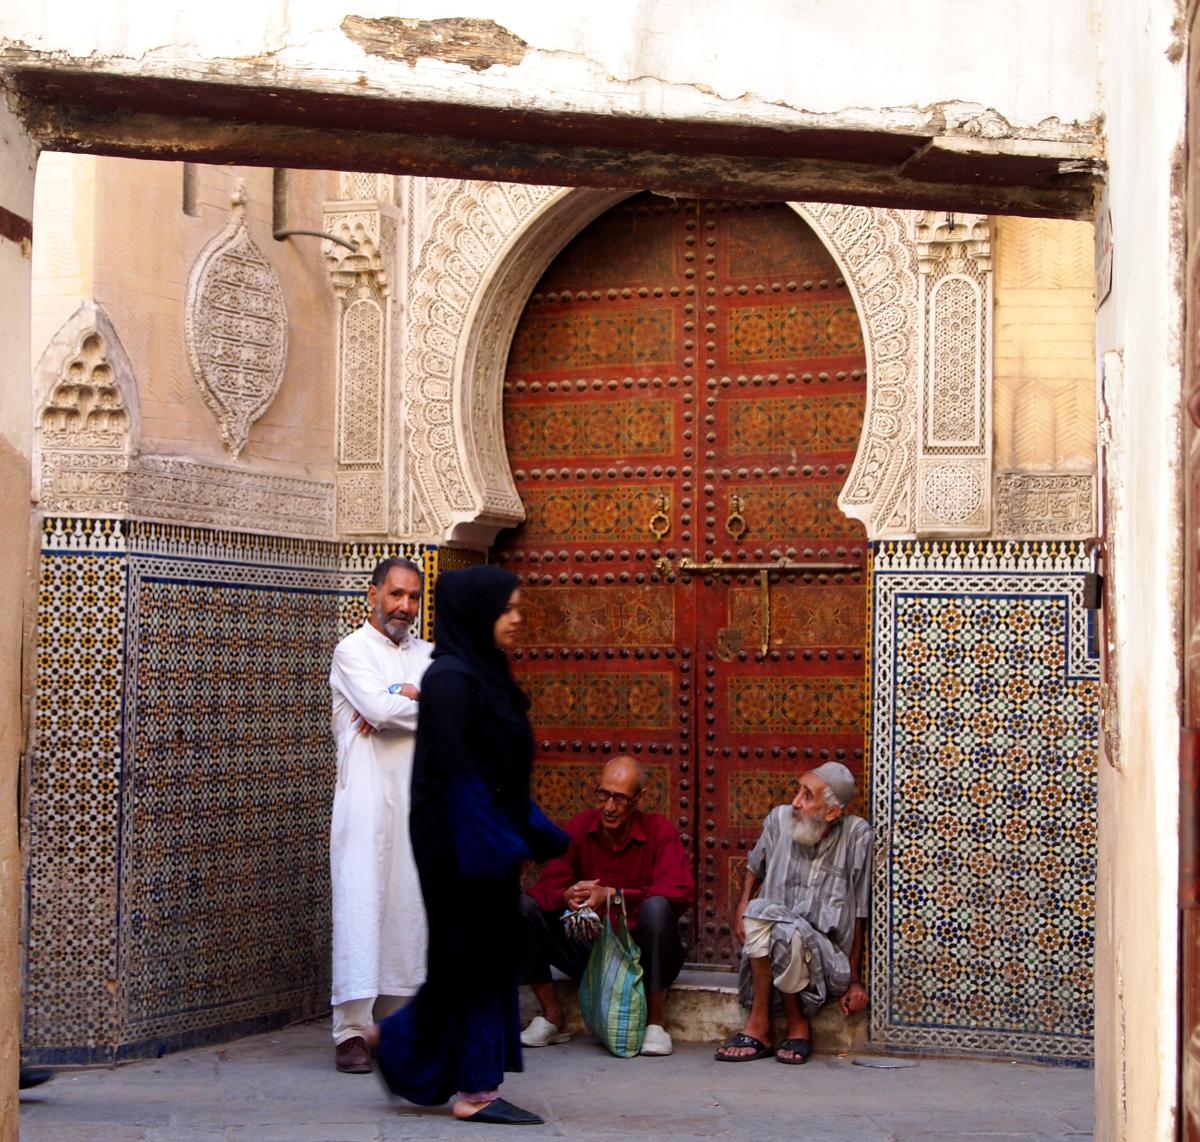 After Prayer Conversations, Grand Medina of Fez